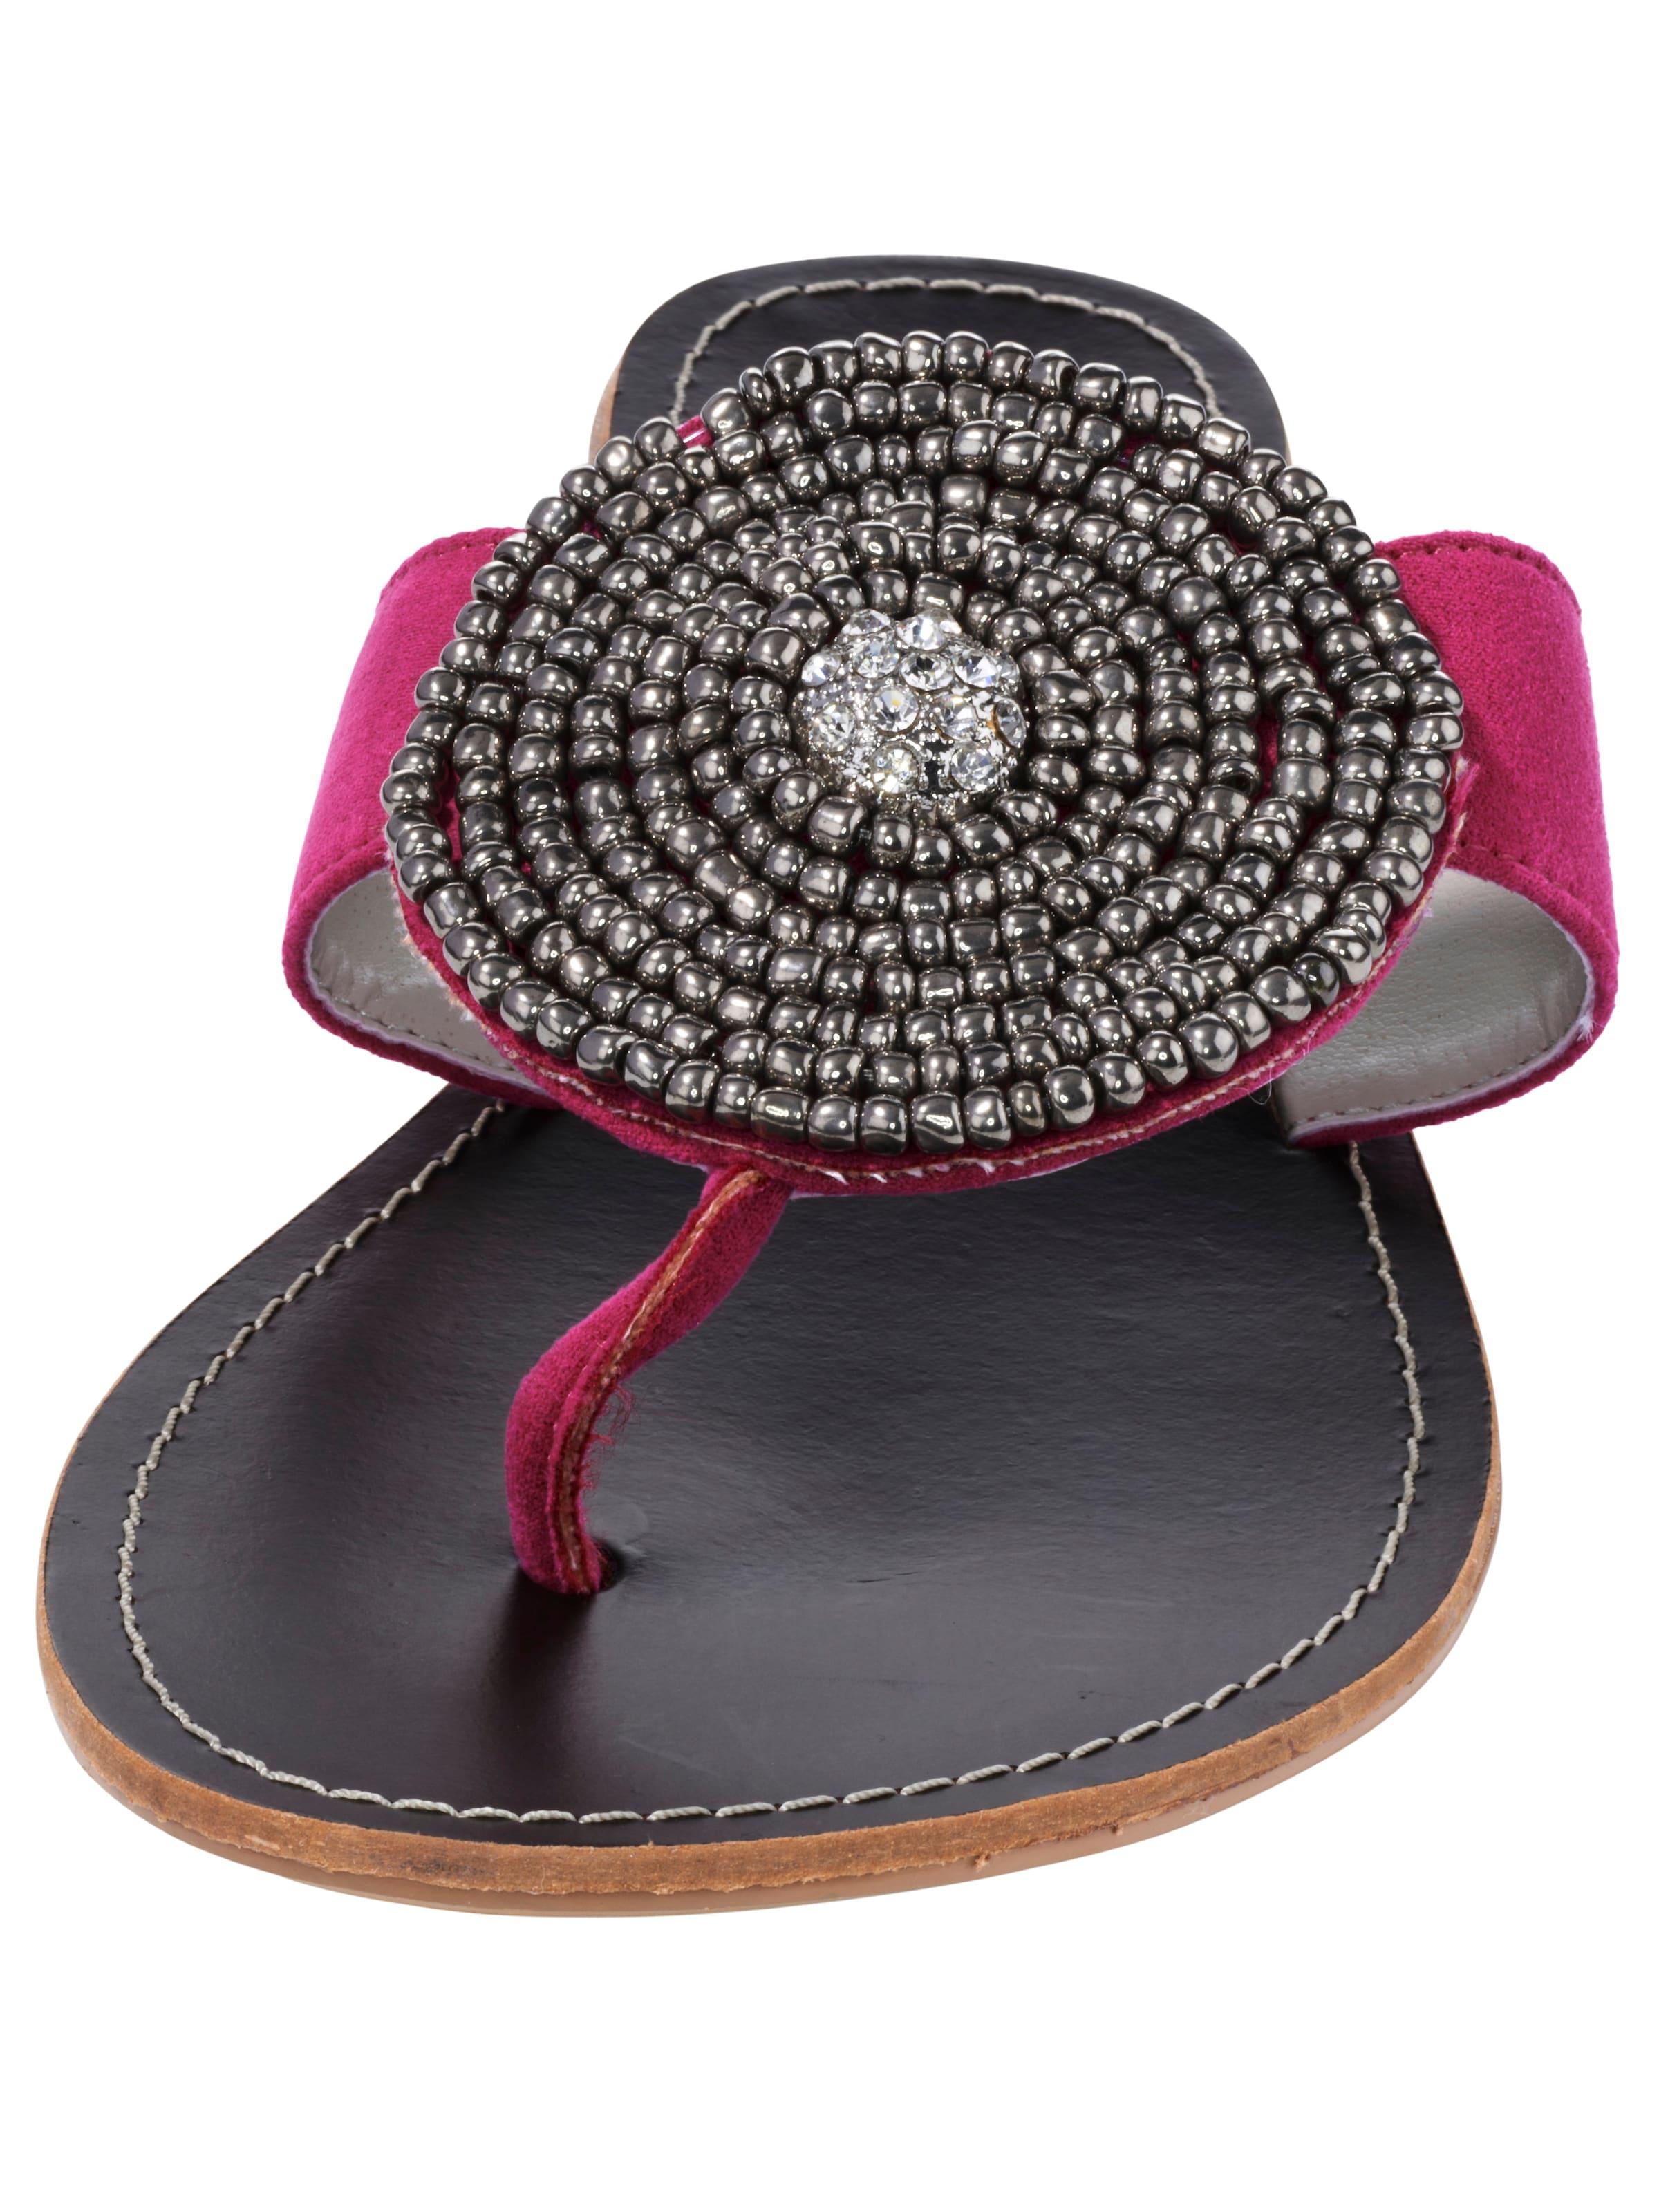 ANDREA CONTI Dianette Rote Vorbestellung Eastbay Beste Authentisch Billige Neue Stile Rabatt Günstiger Preis Kosten Für Verkauf 6w7z0Cf